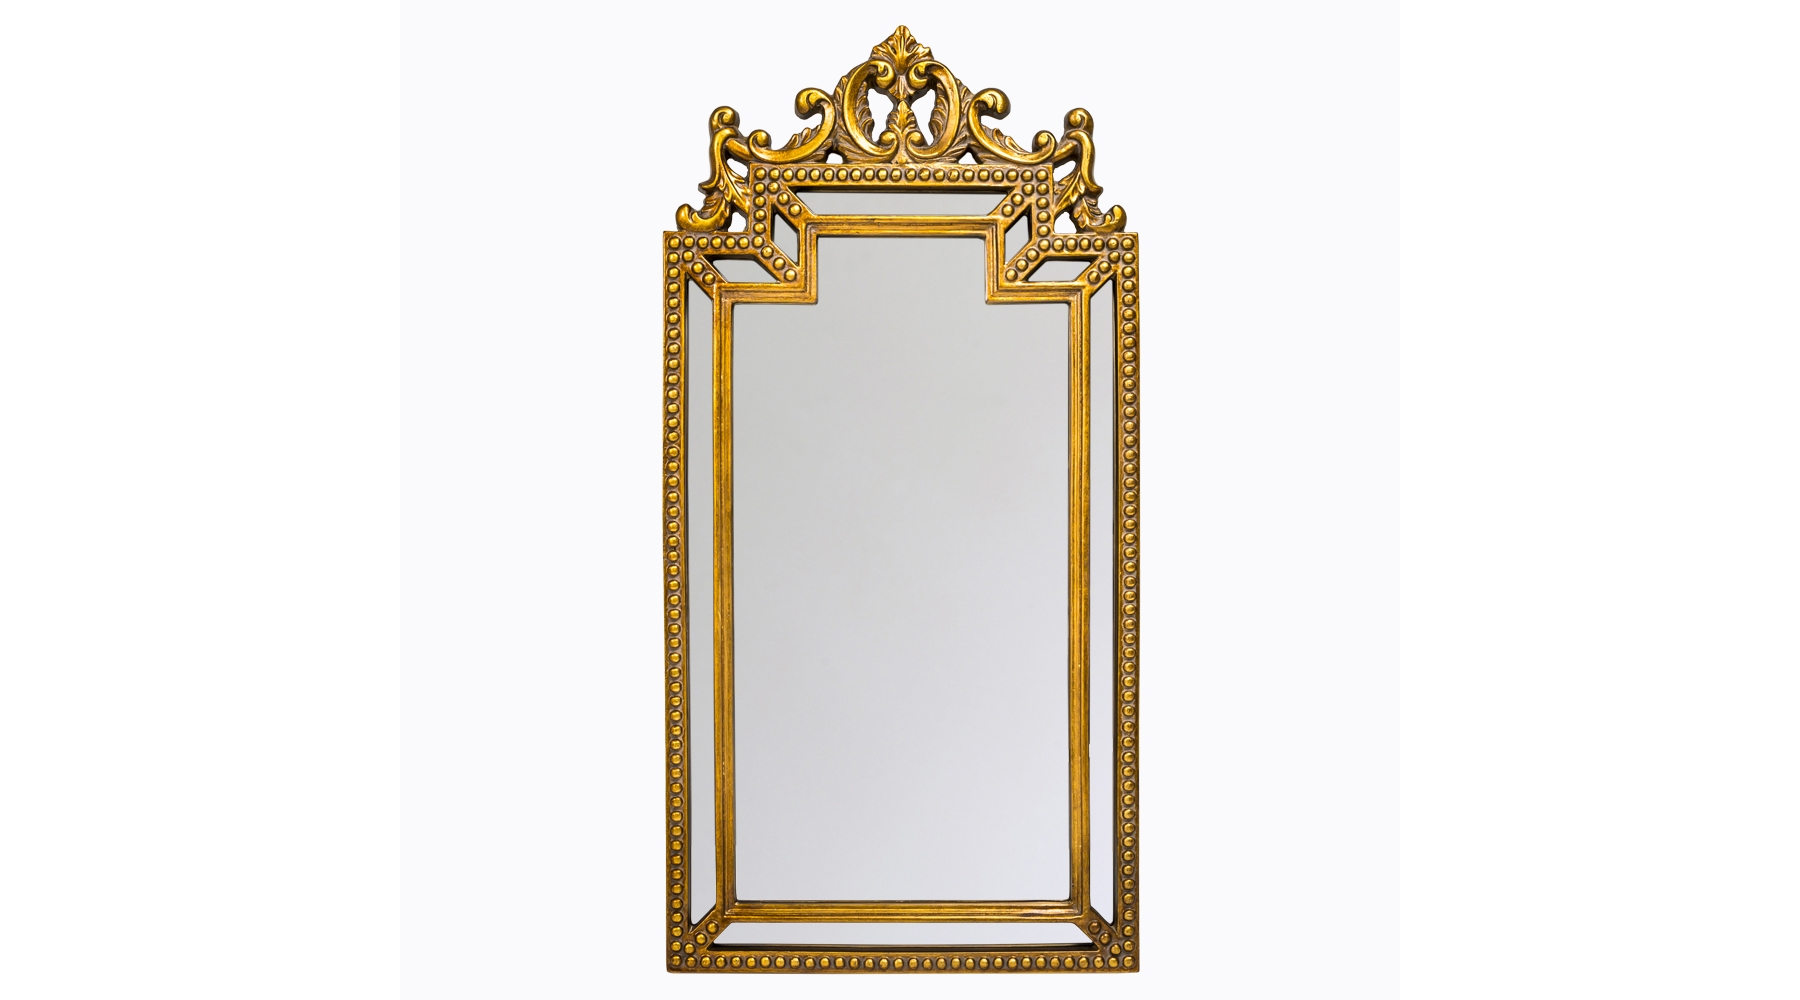 Настенное зеркало «Эммануэль»Настенные зеркала<br>Это зеркало в английском стиле убрано в богатую двойную раму с витиеватой короной наверху. Еще одно оригинальное украшение – объемные «шляпки» по внешнему контуру багета. Обрамление изготовлено из ультрапрочного мебельного полиуретана и тонировано в золотой цвет. Зеркальная поверхность с покрытием из серебряной амальгамы имеет 5 мм в толщину и отражает объекты без малейших искажений. Вес изделия равен 7 кг.<br><br>Material: Полиуретан<br>Width см: 56,2<br>Depth см: 4<br>Height см: 112